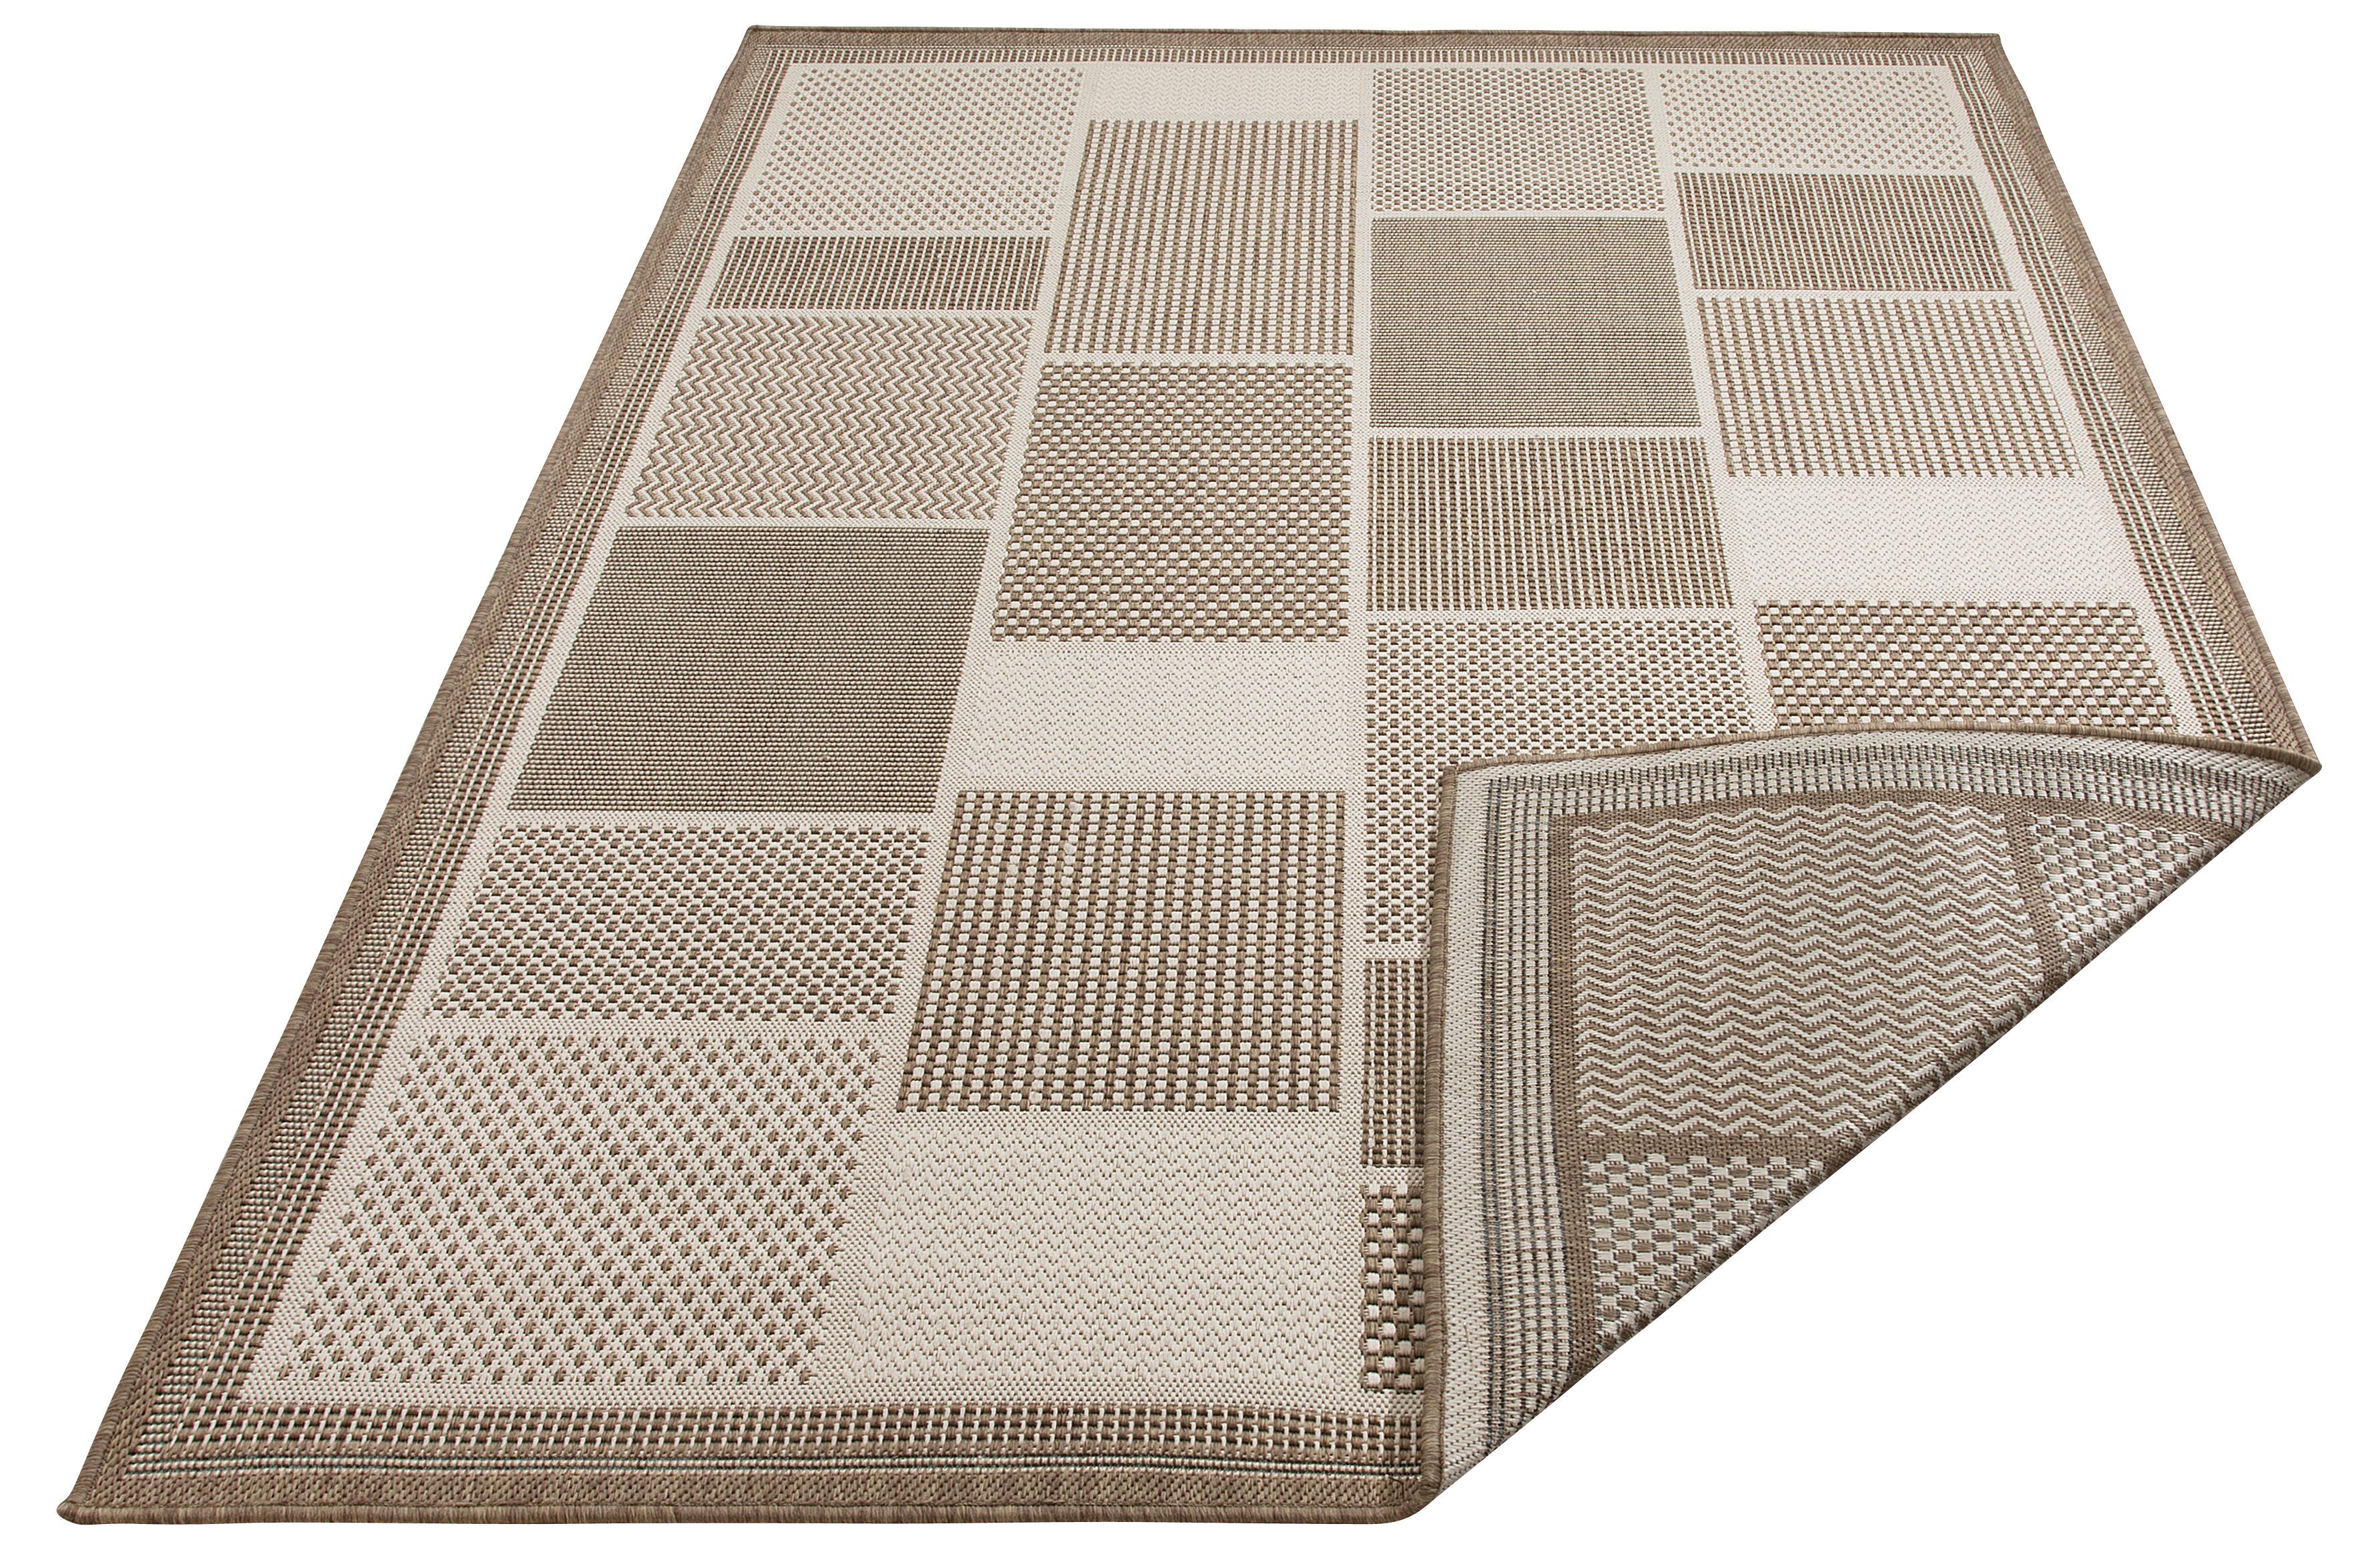 Outdoorteppich Tudor Home affaire rechteckig Höhe 5 mm maschinell gewebt